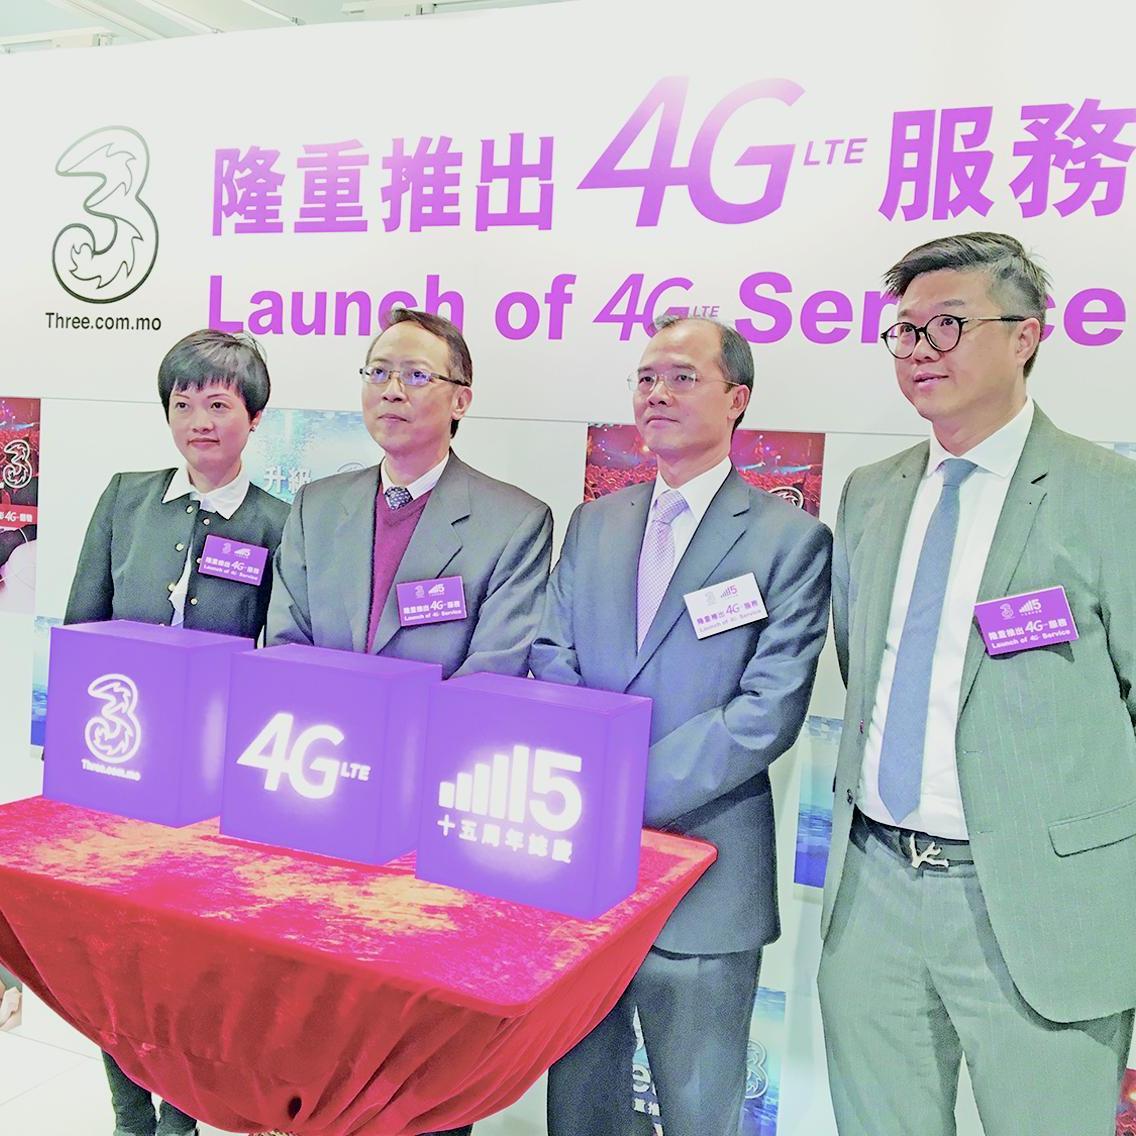 3澳門啟用4G服務